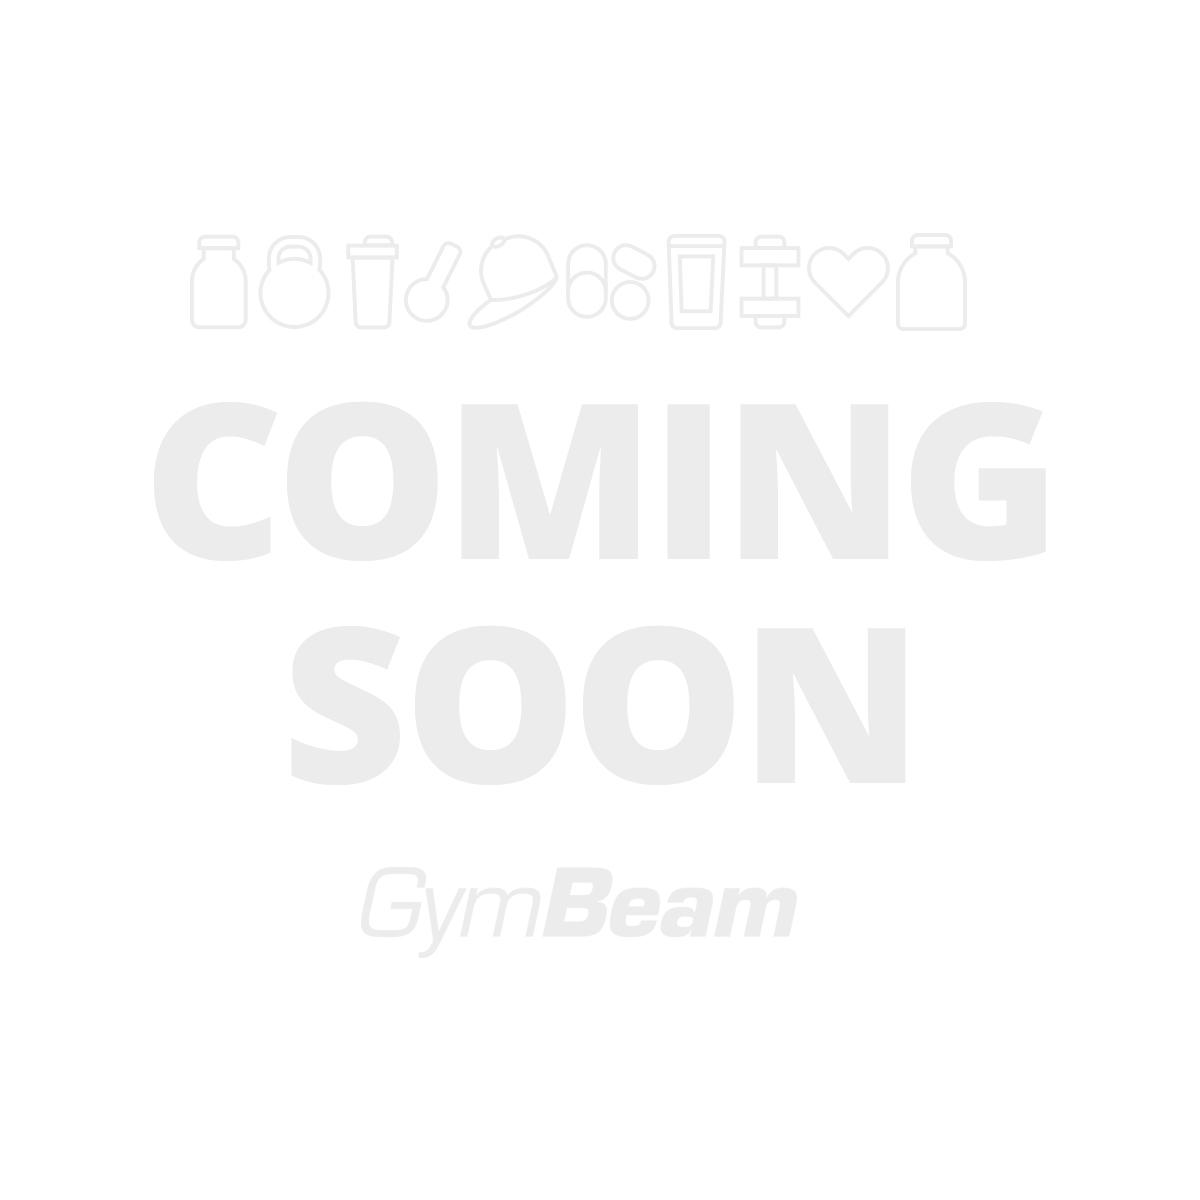 Cocotein Protein Drink 473 ml - Natures Best